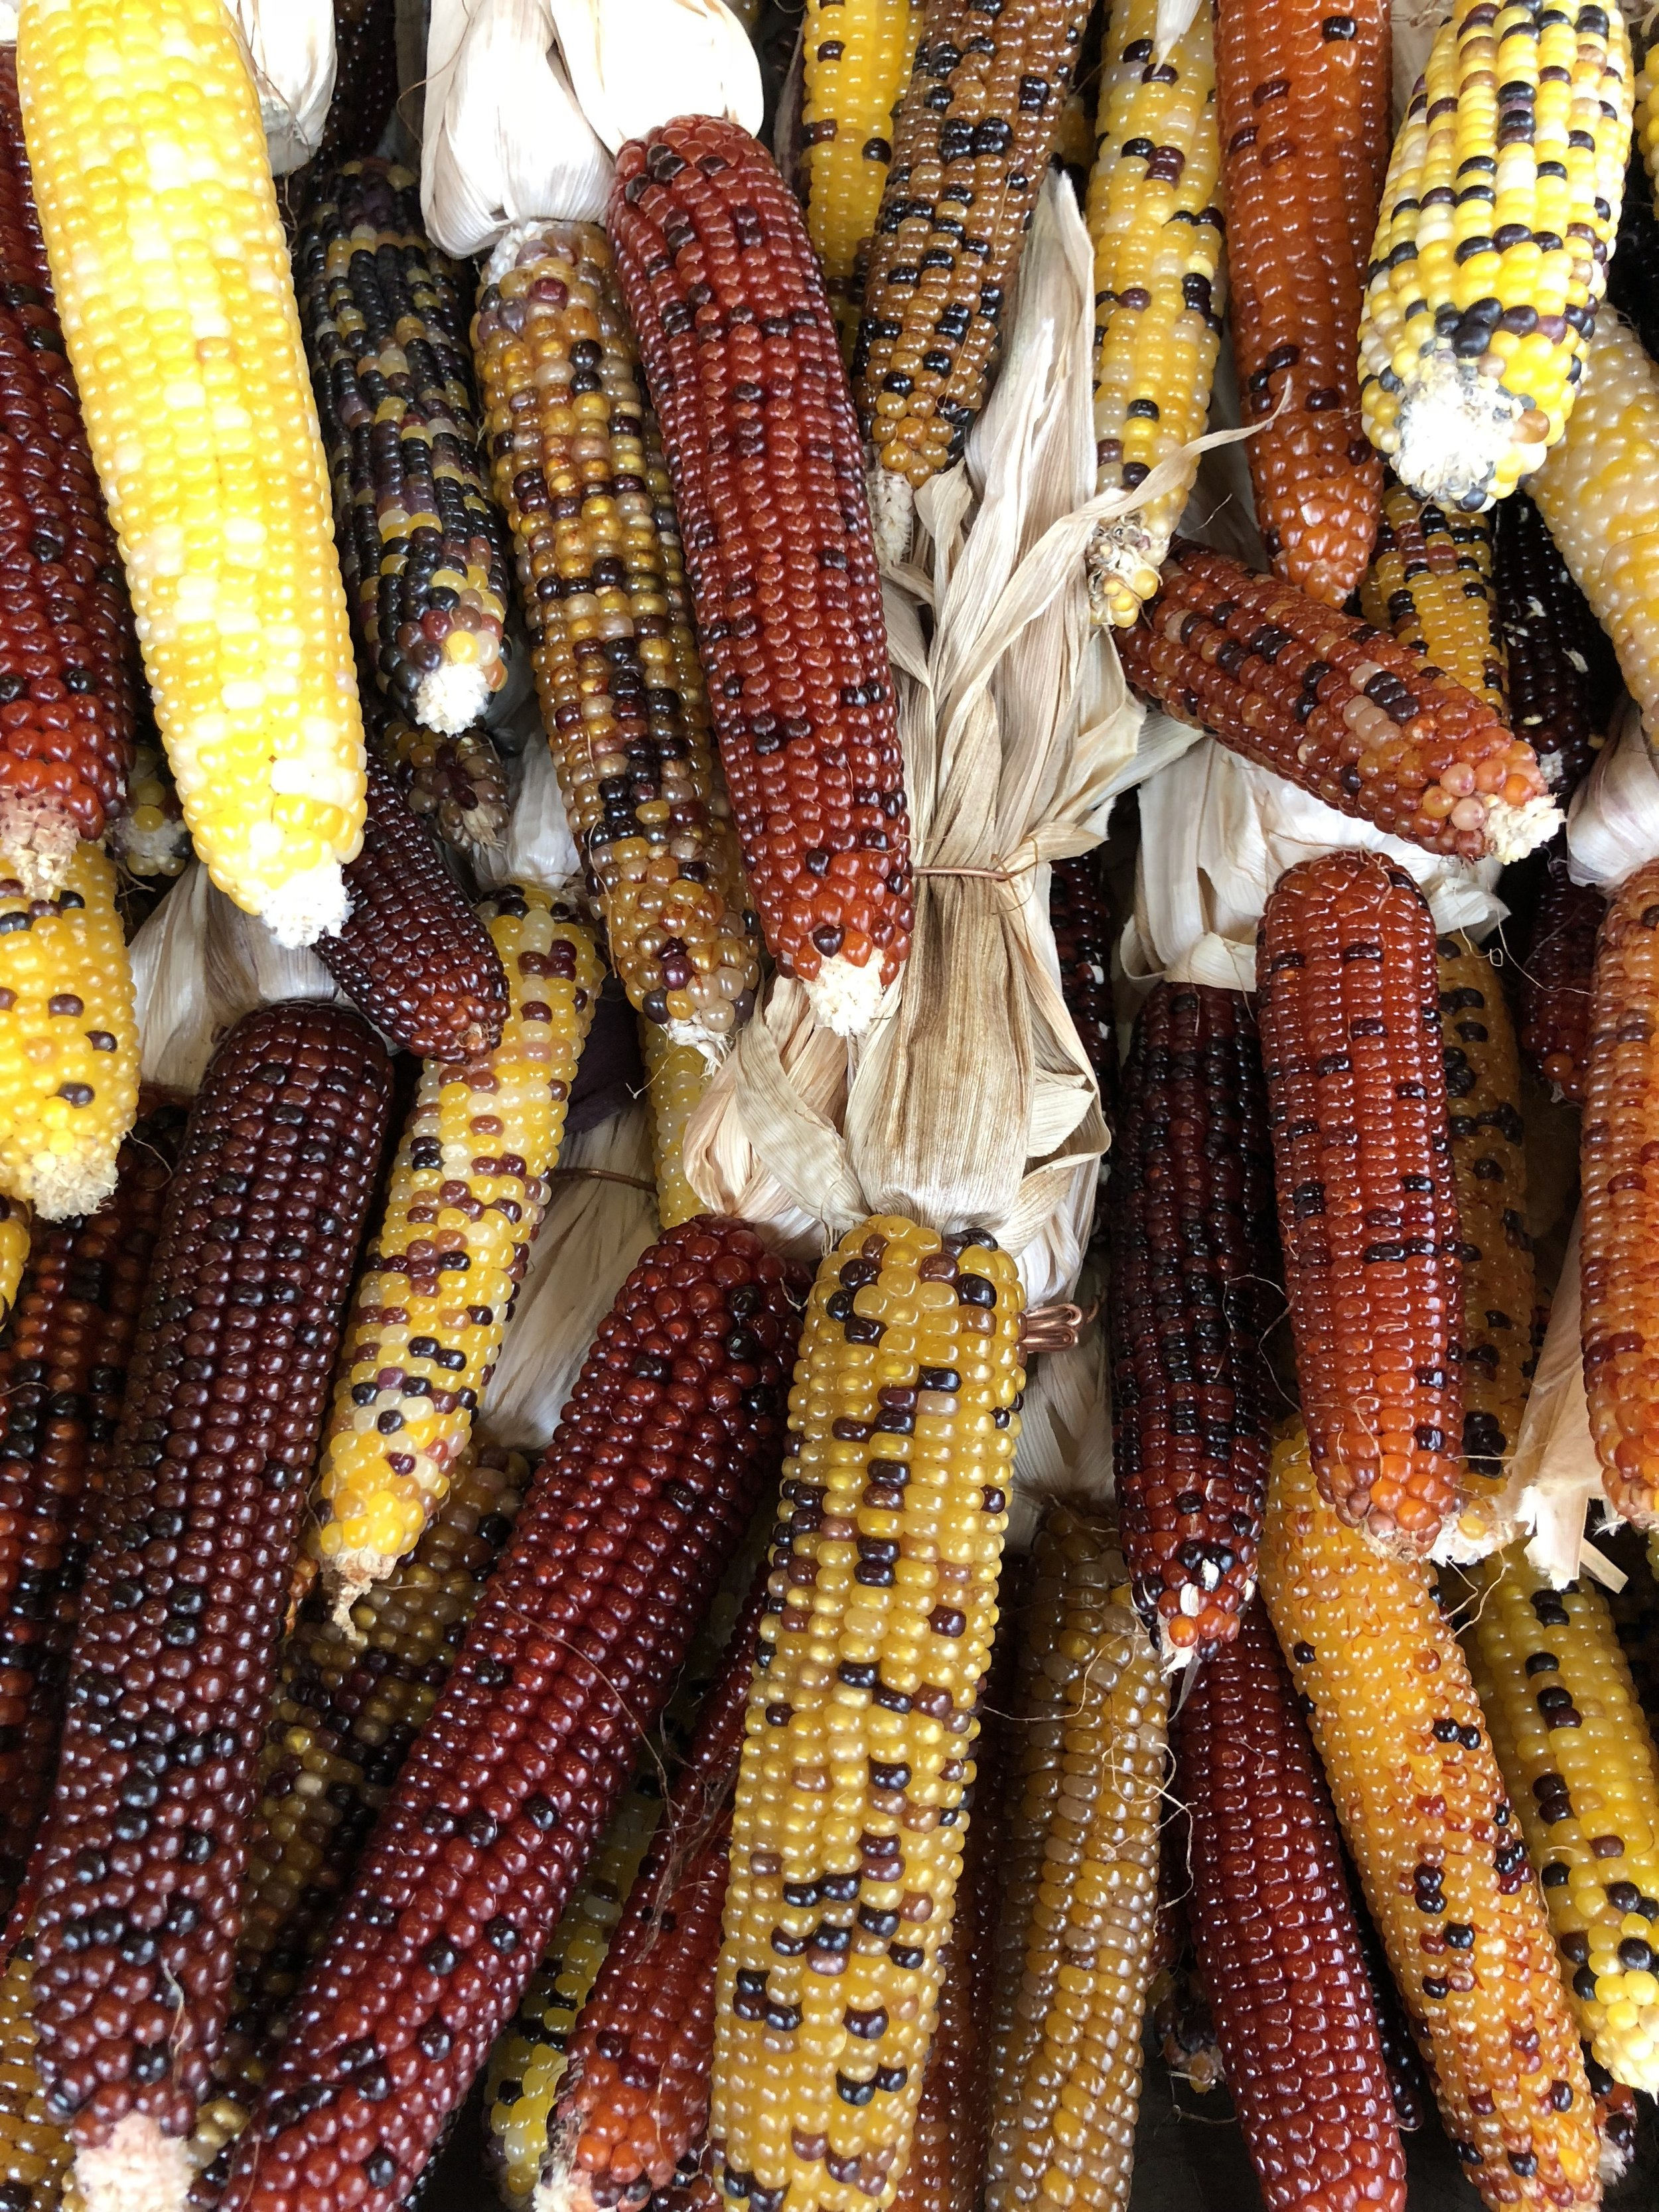 Colorful decorative corn at Russo's